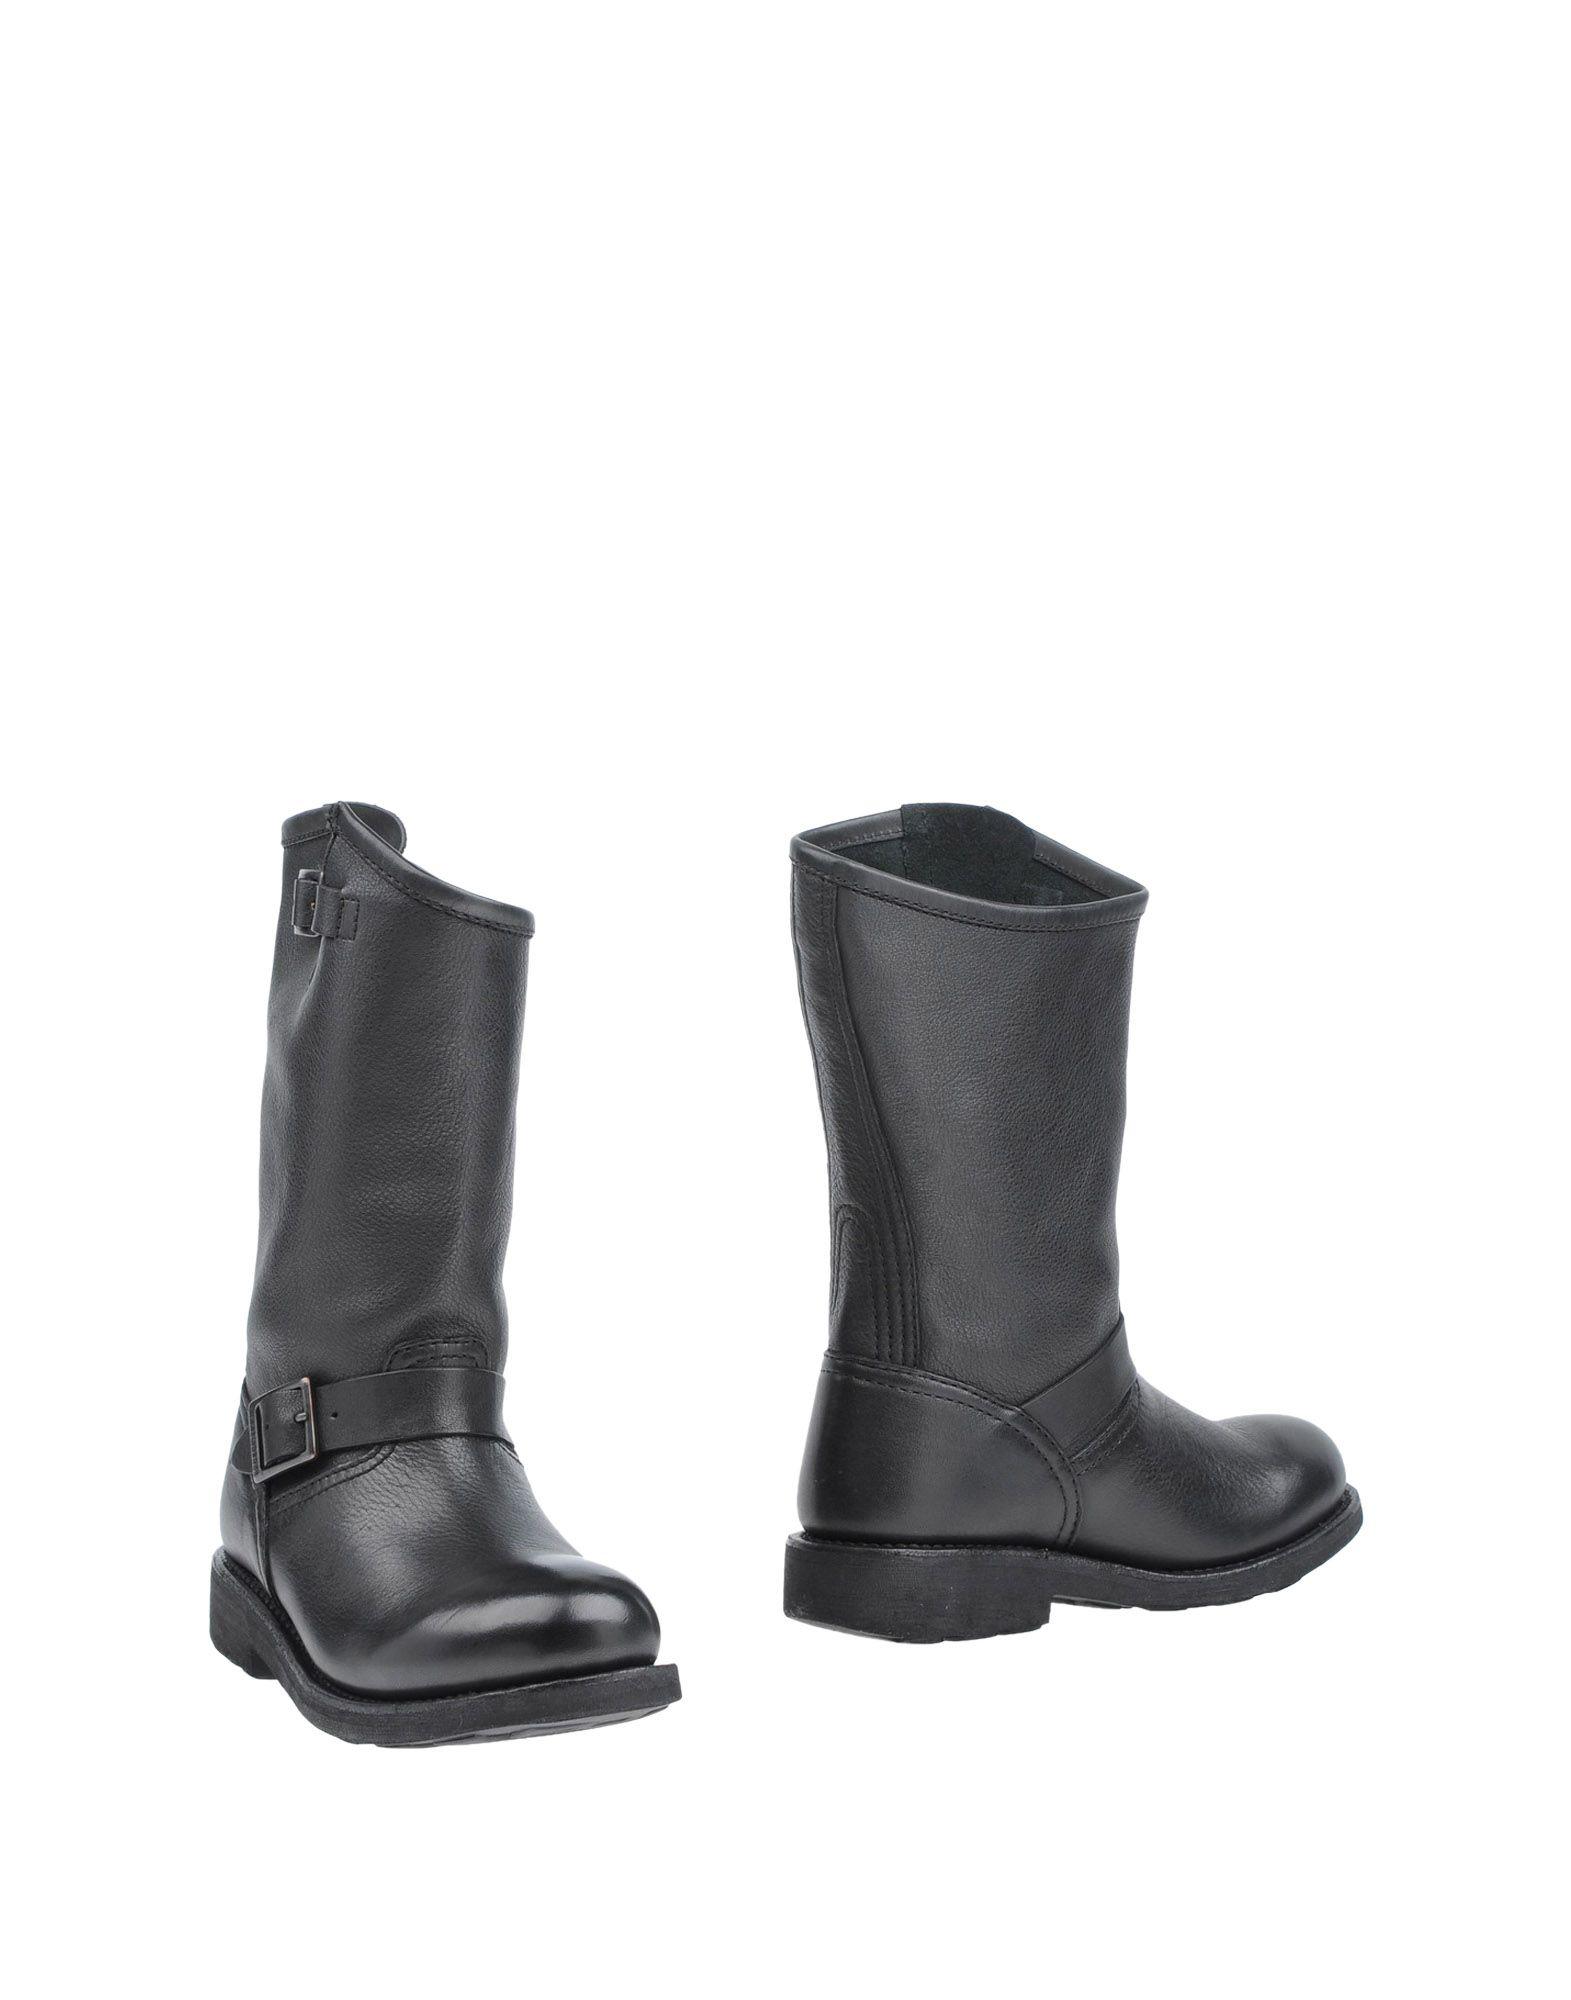 Bikkembergs Stiefelette Damen  Qualität 11333306HU Gute Qualität  beliebte Schuhe 01510f